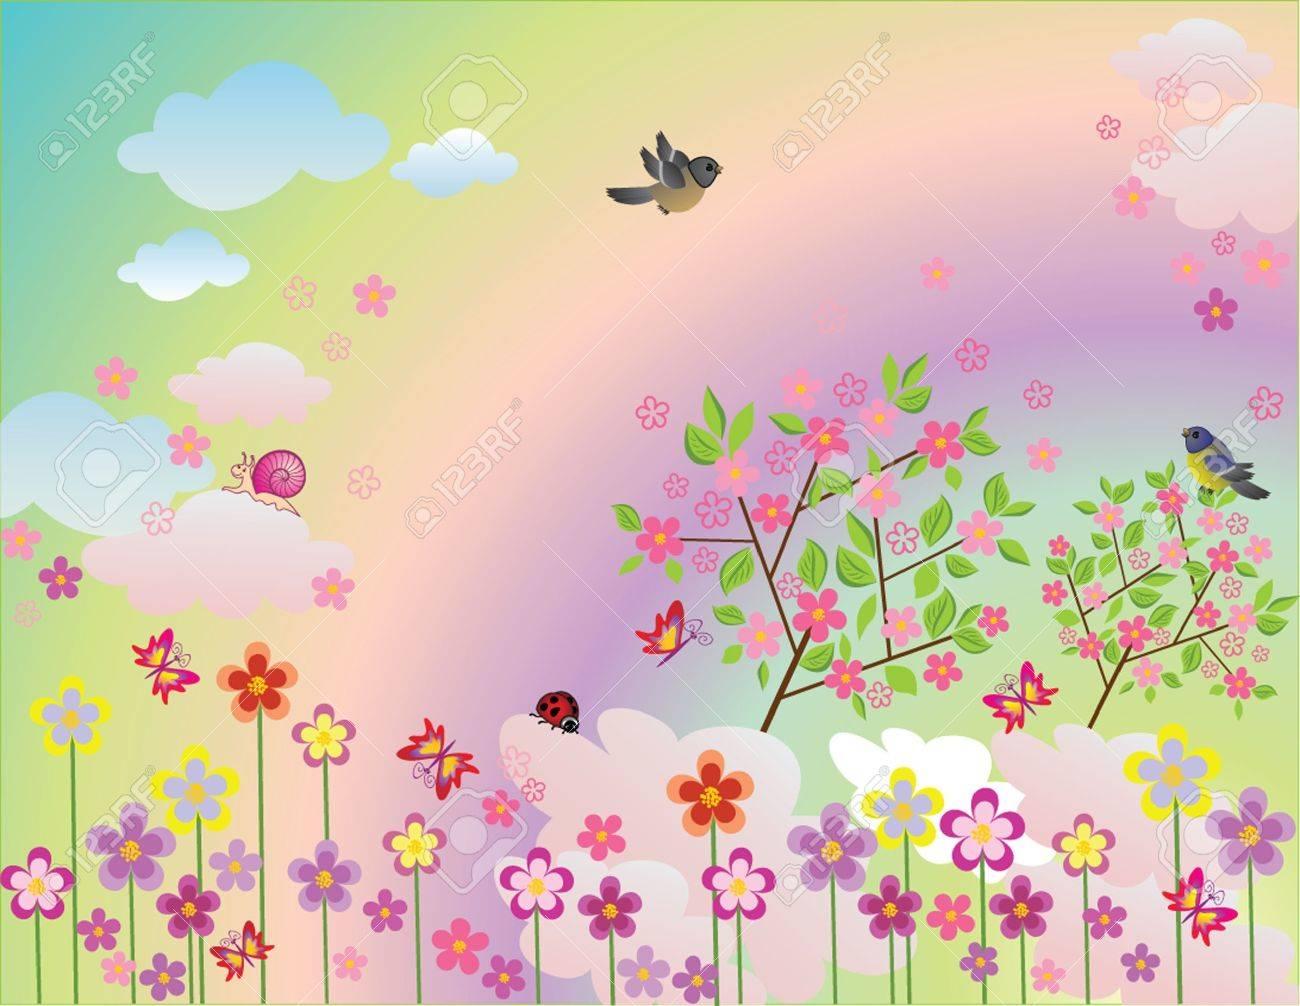 春イラストのイラスト素材ベクタ Image 19024237